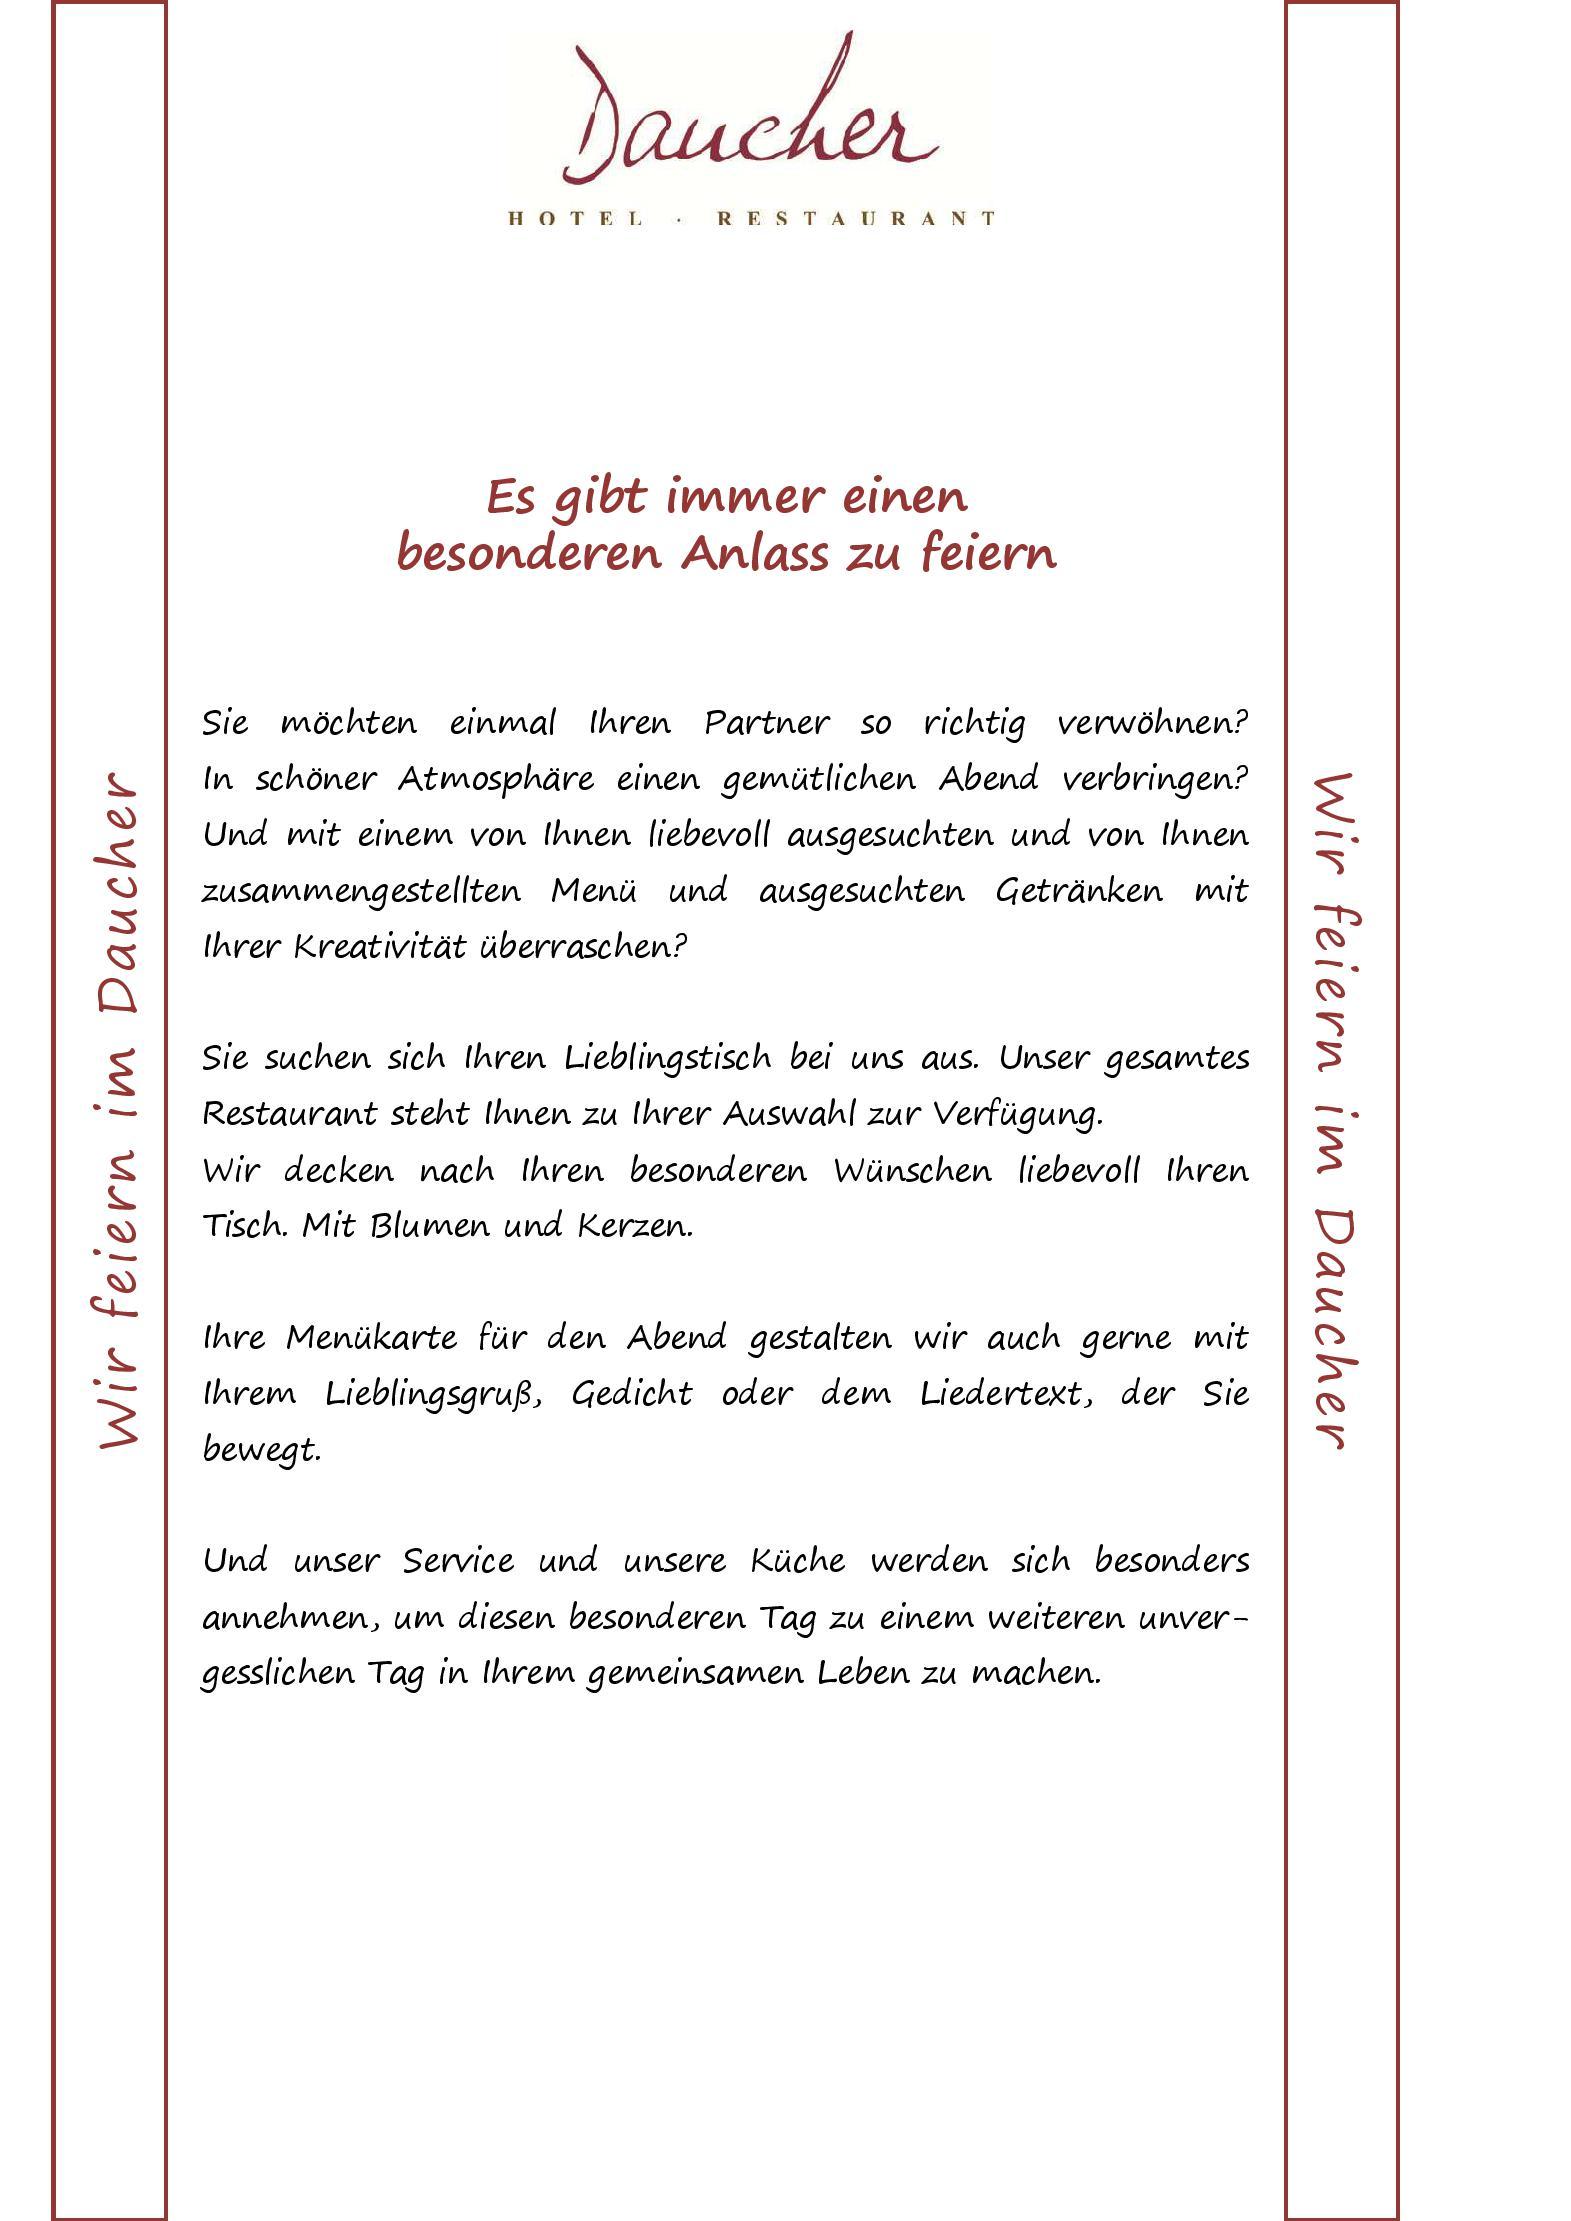 Innenarchitektur N Rnberg niedlich ükarte getränke zeitgenössisch die designideen für badezimmer pictogramm info